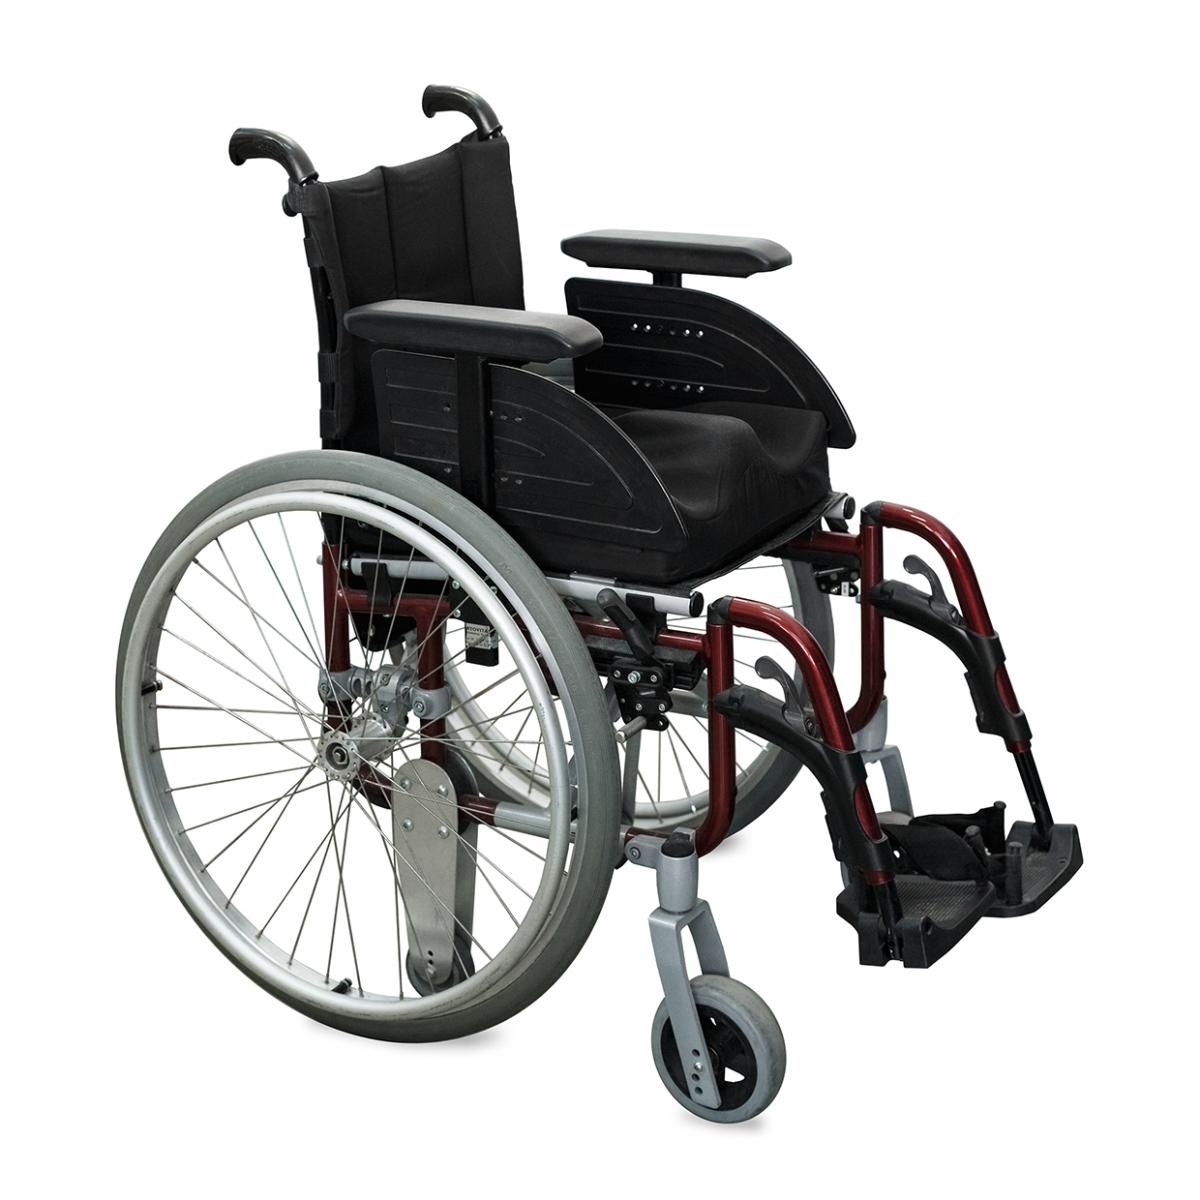 Imagen en la que se ve una silla de ruedas